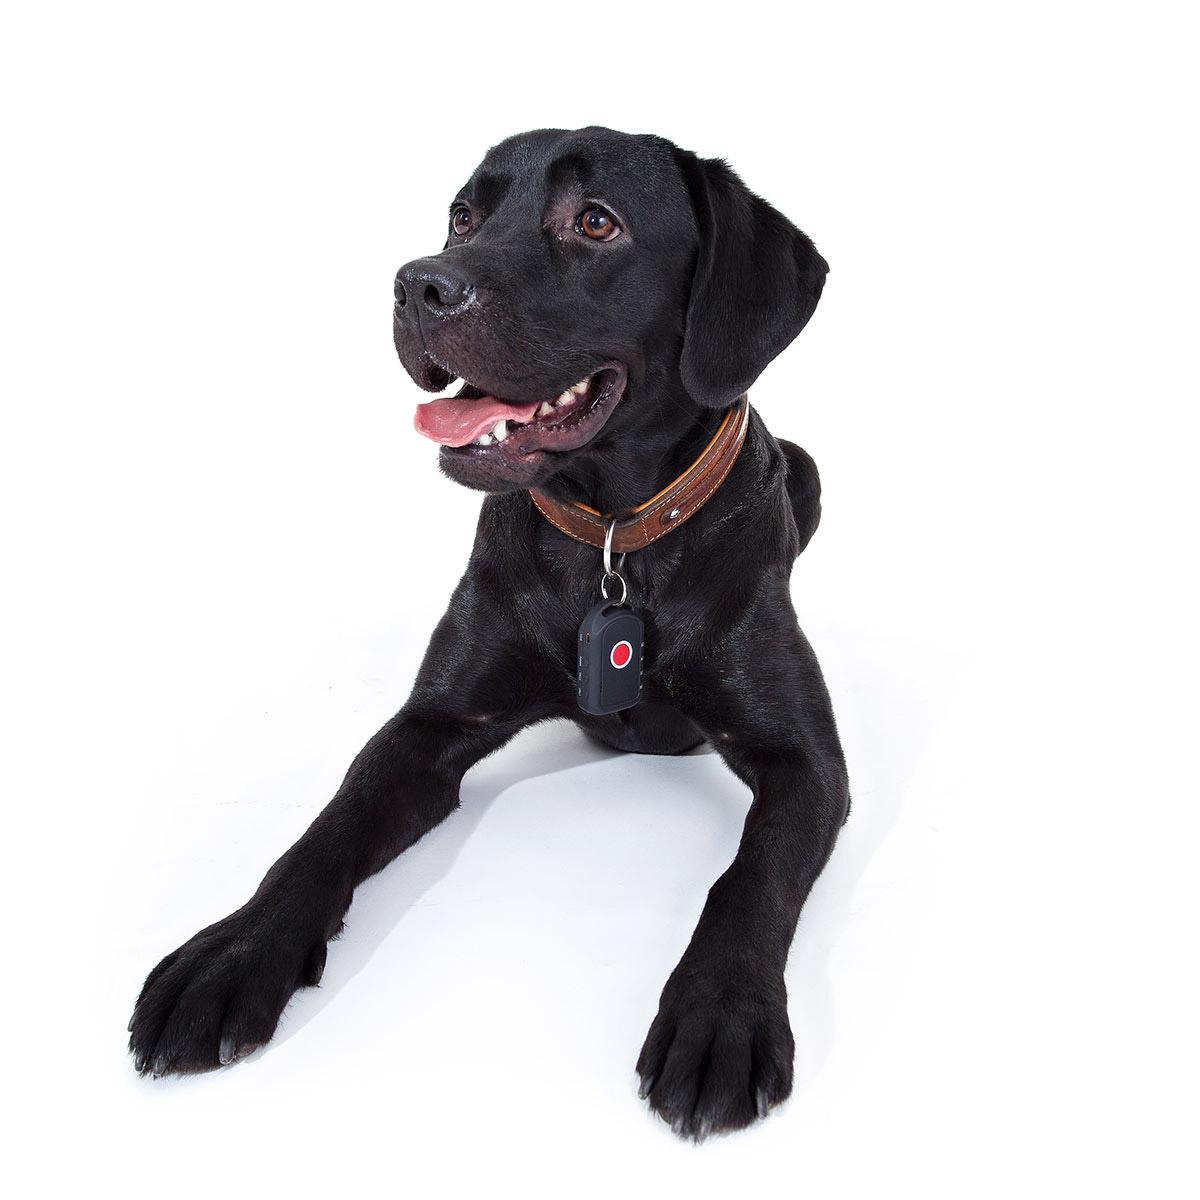 Dank B�rohund Lilly entwickelte die MYFAIRDEAL Onlinestores GmbH einen innovativen GPS-Sender f�r Hunde.